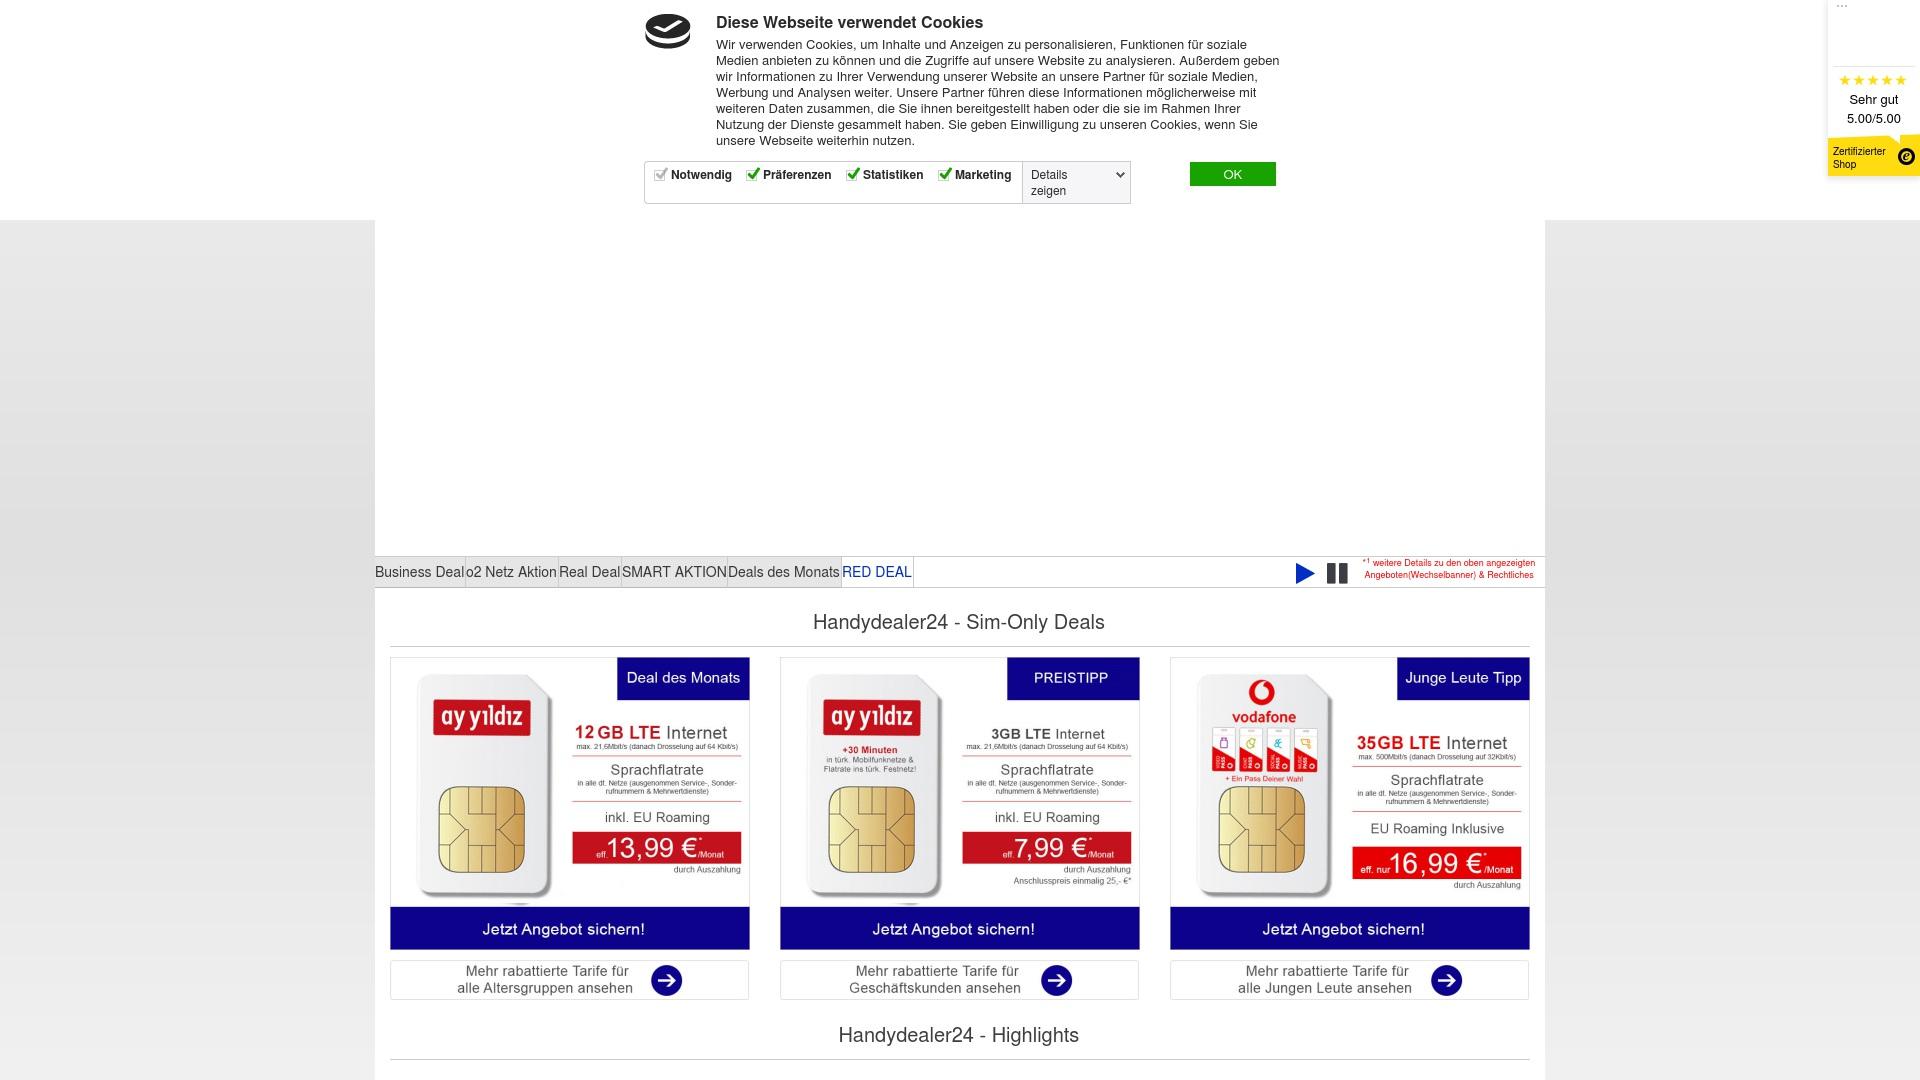 Gutschein für Handydealer24: Rabatte für  Handydealer24 sichern